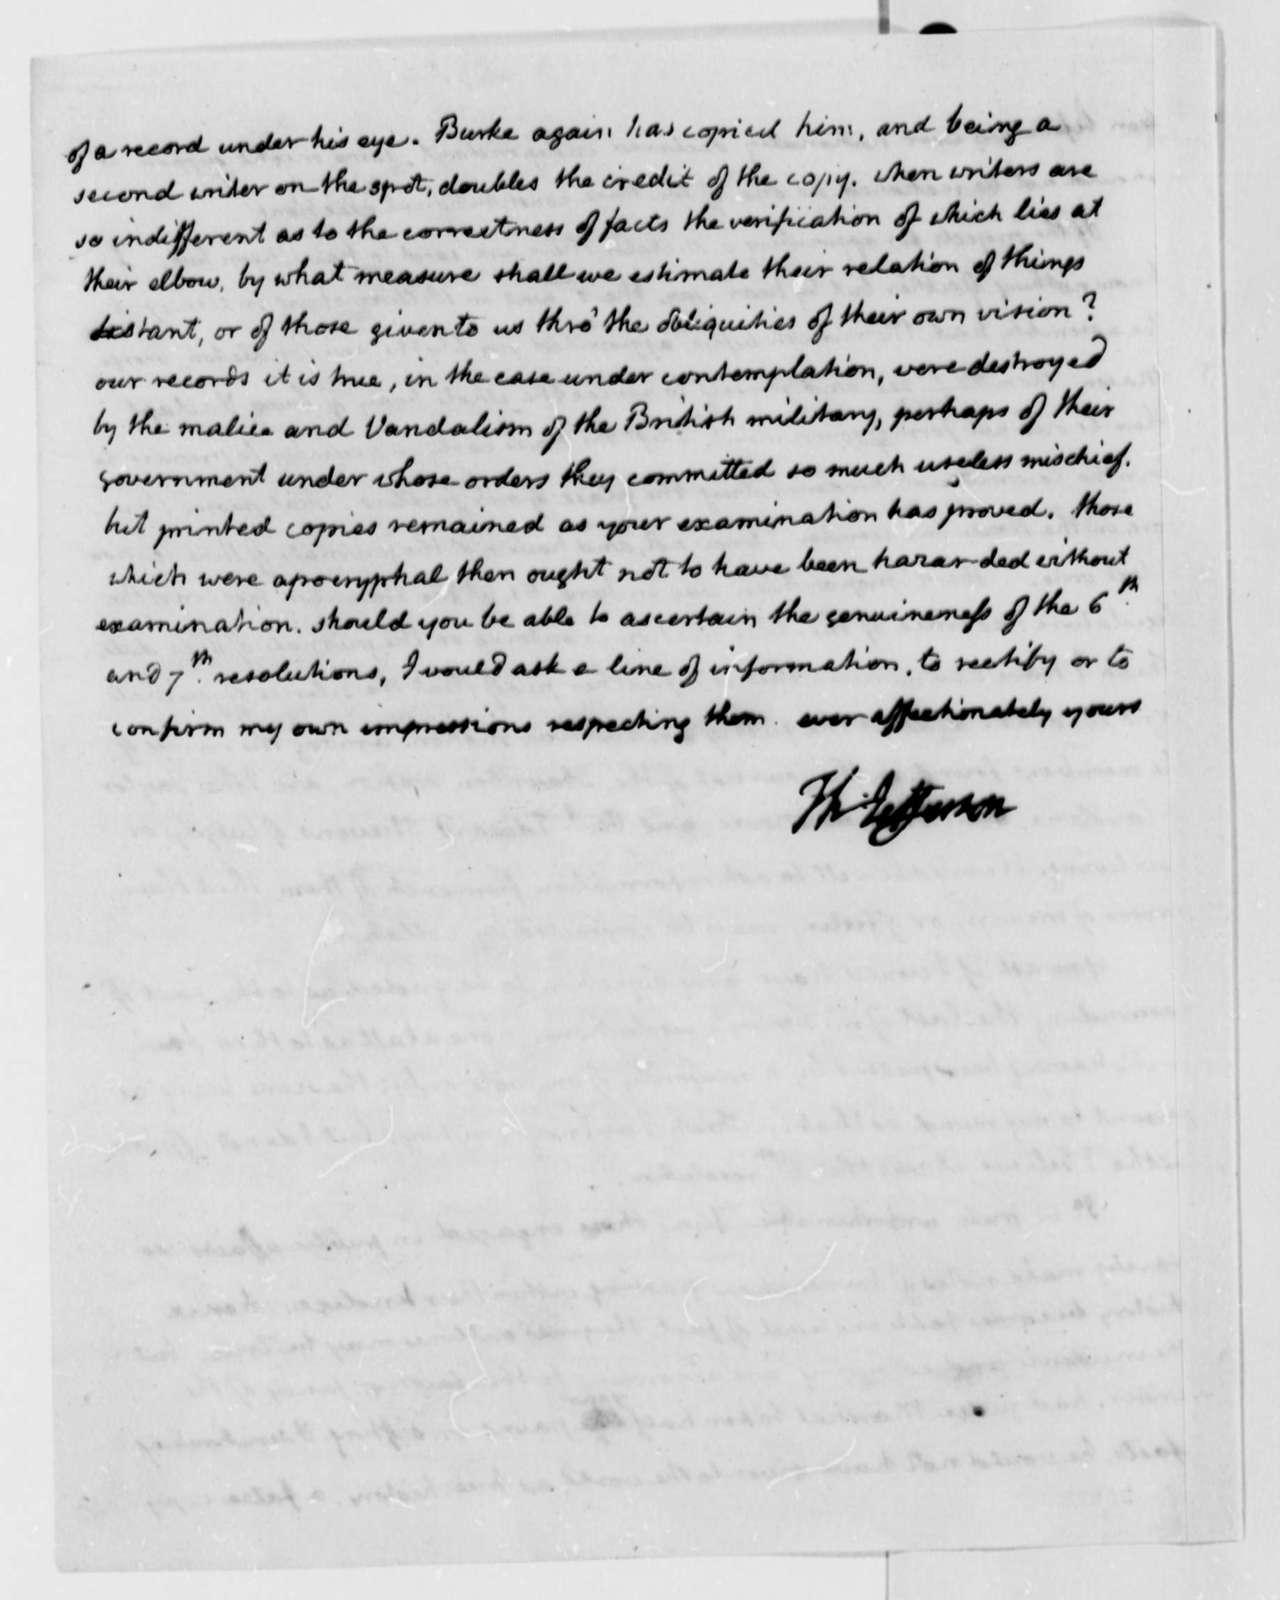 Thomas Jefferson to William Wirt, August 14, 1814